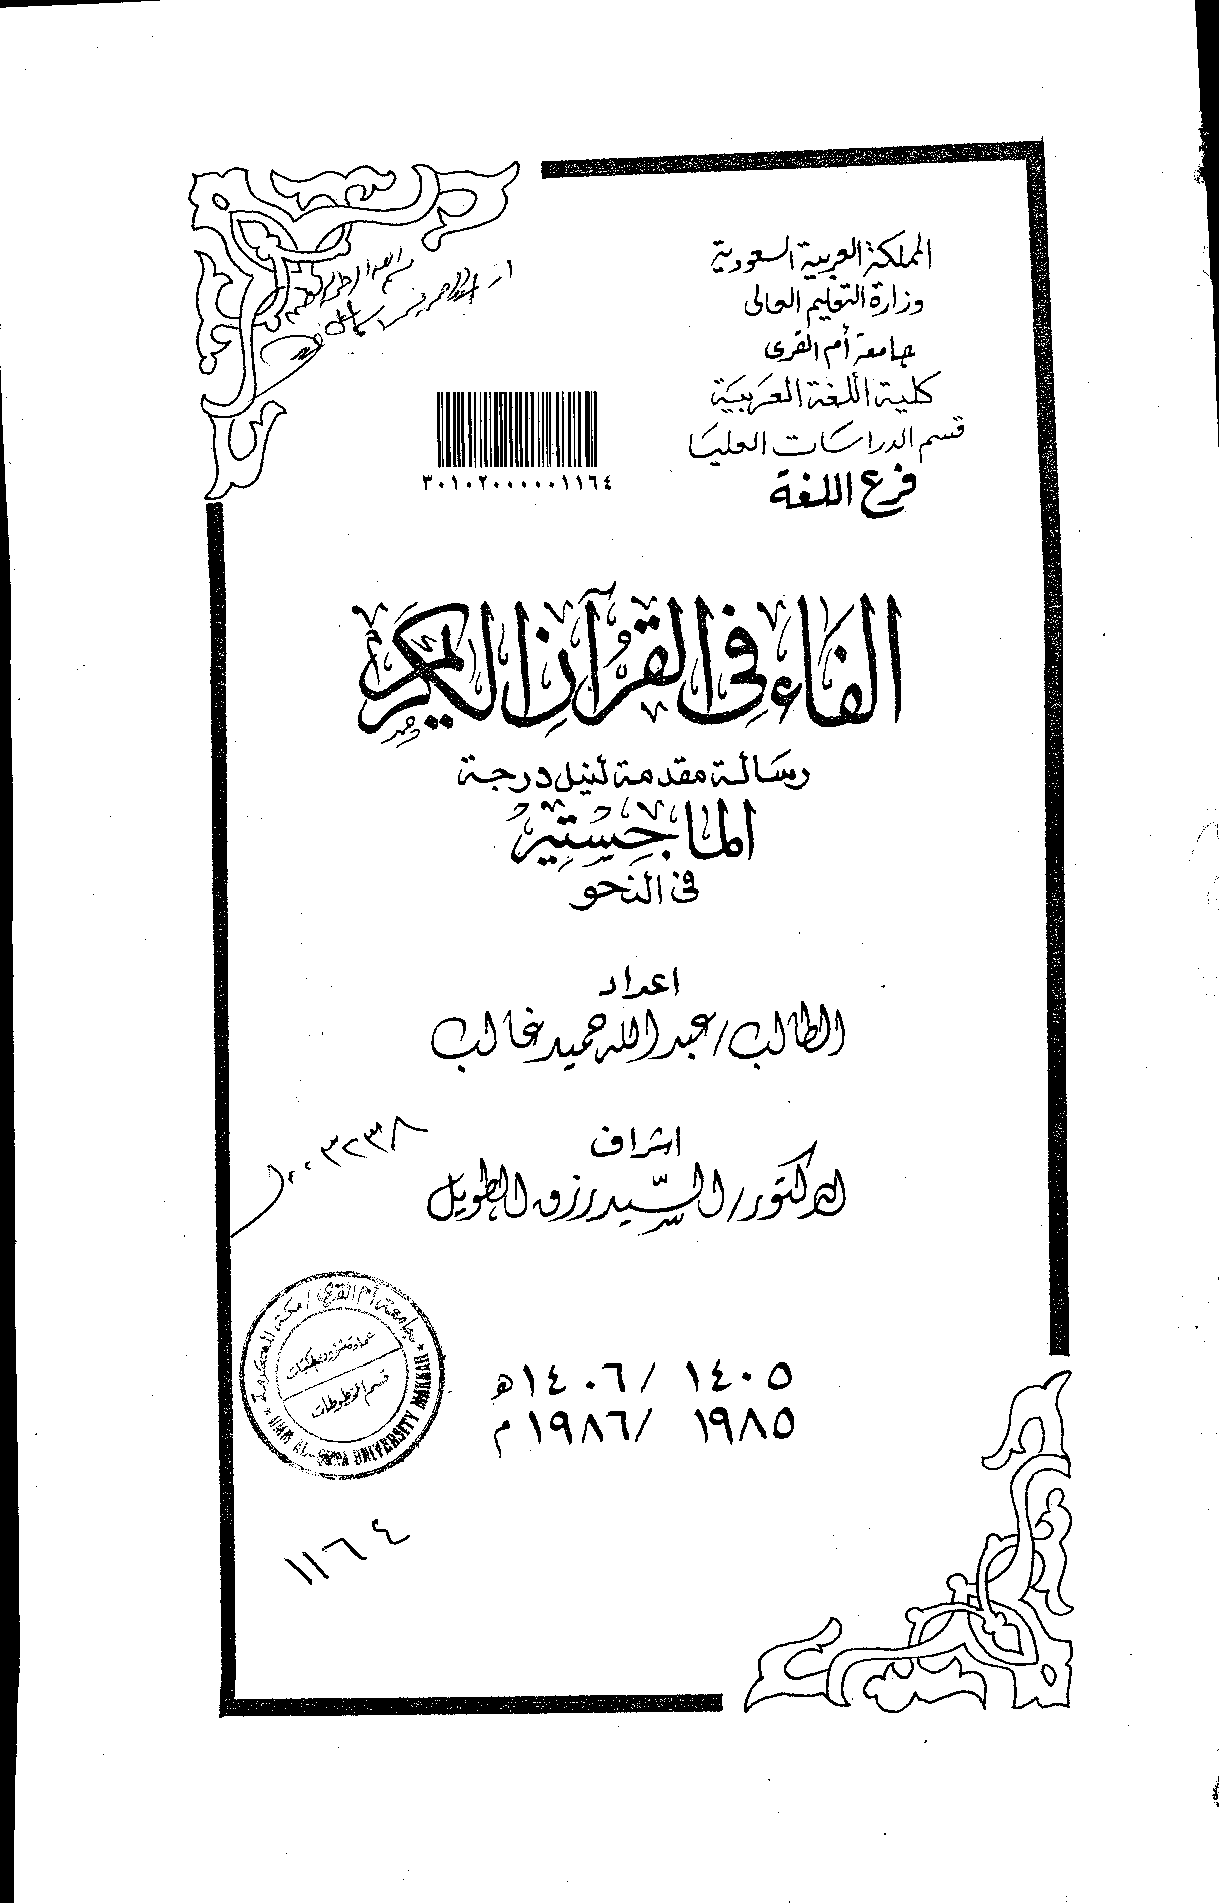 تحميل كتاب الفاء في القرآن الكريم لـِ: عبد الله حميد غالب